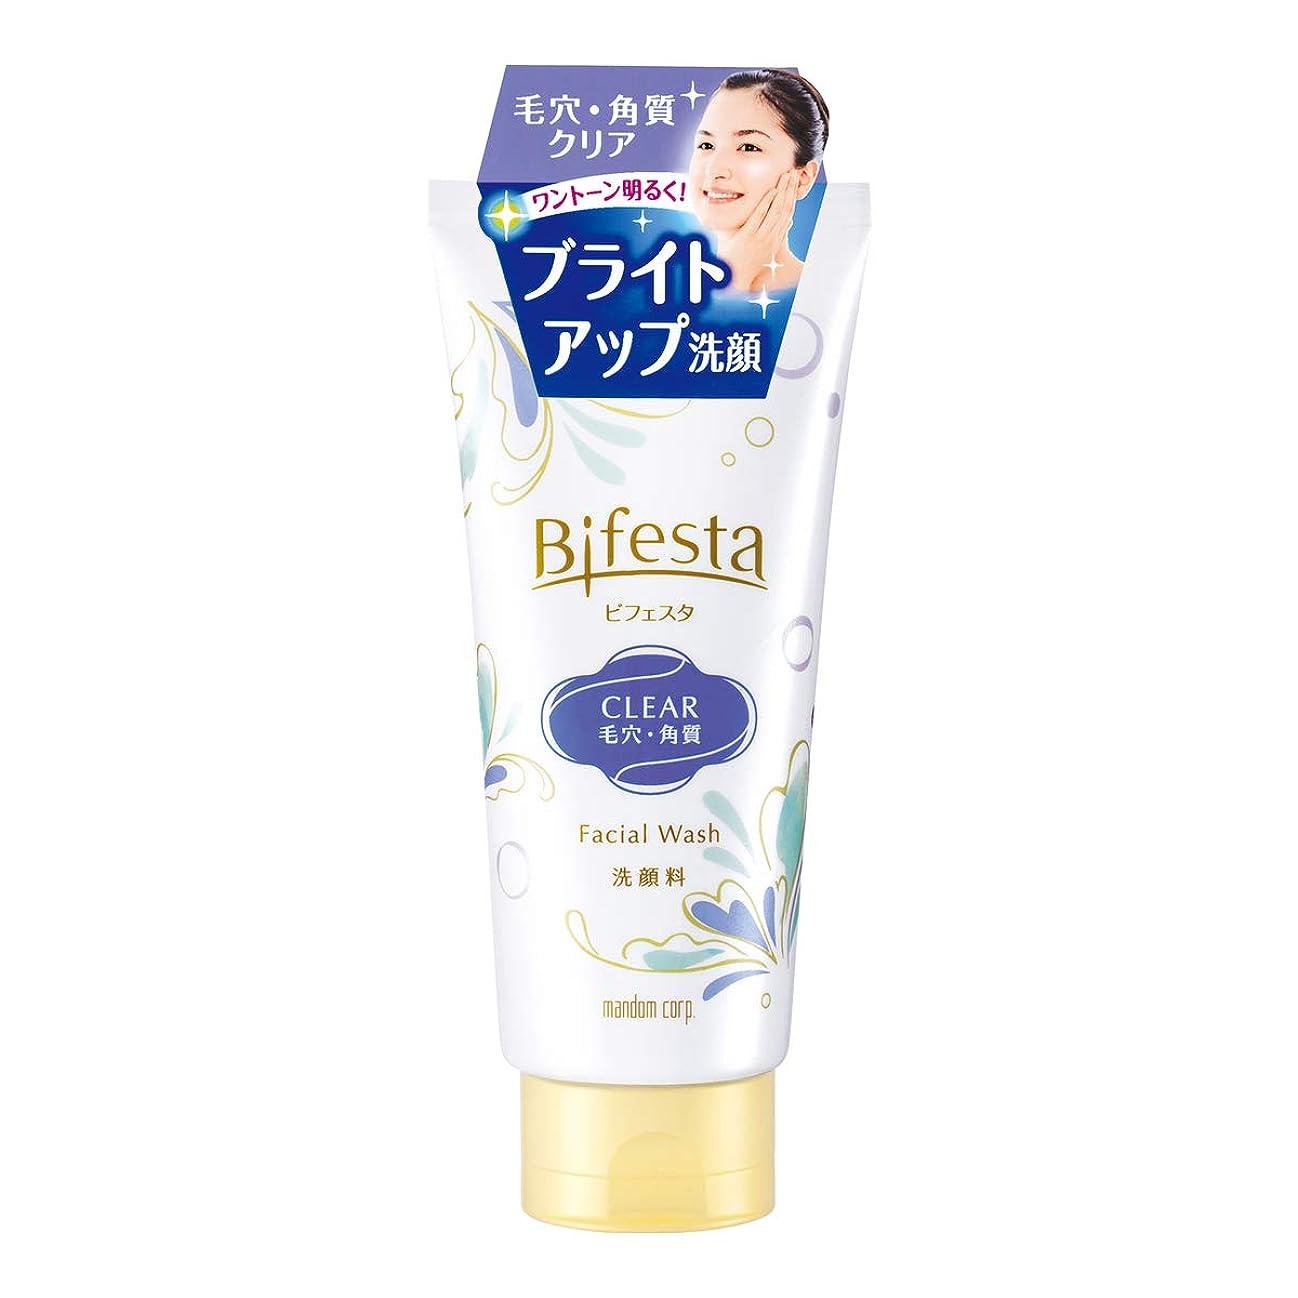 サーバントスコットランド人ビフェスタ(Bifesta)洗顔 クリア 120g 毛穴?角質クリアタイプの洗顔料